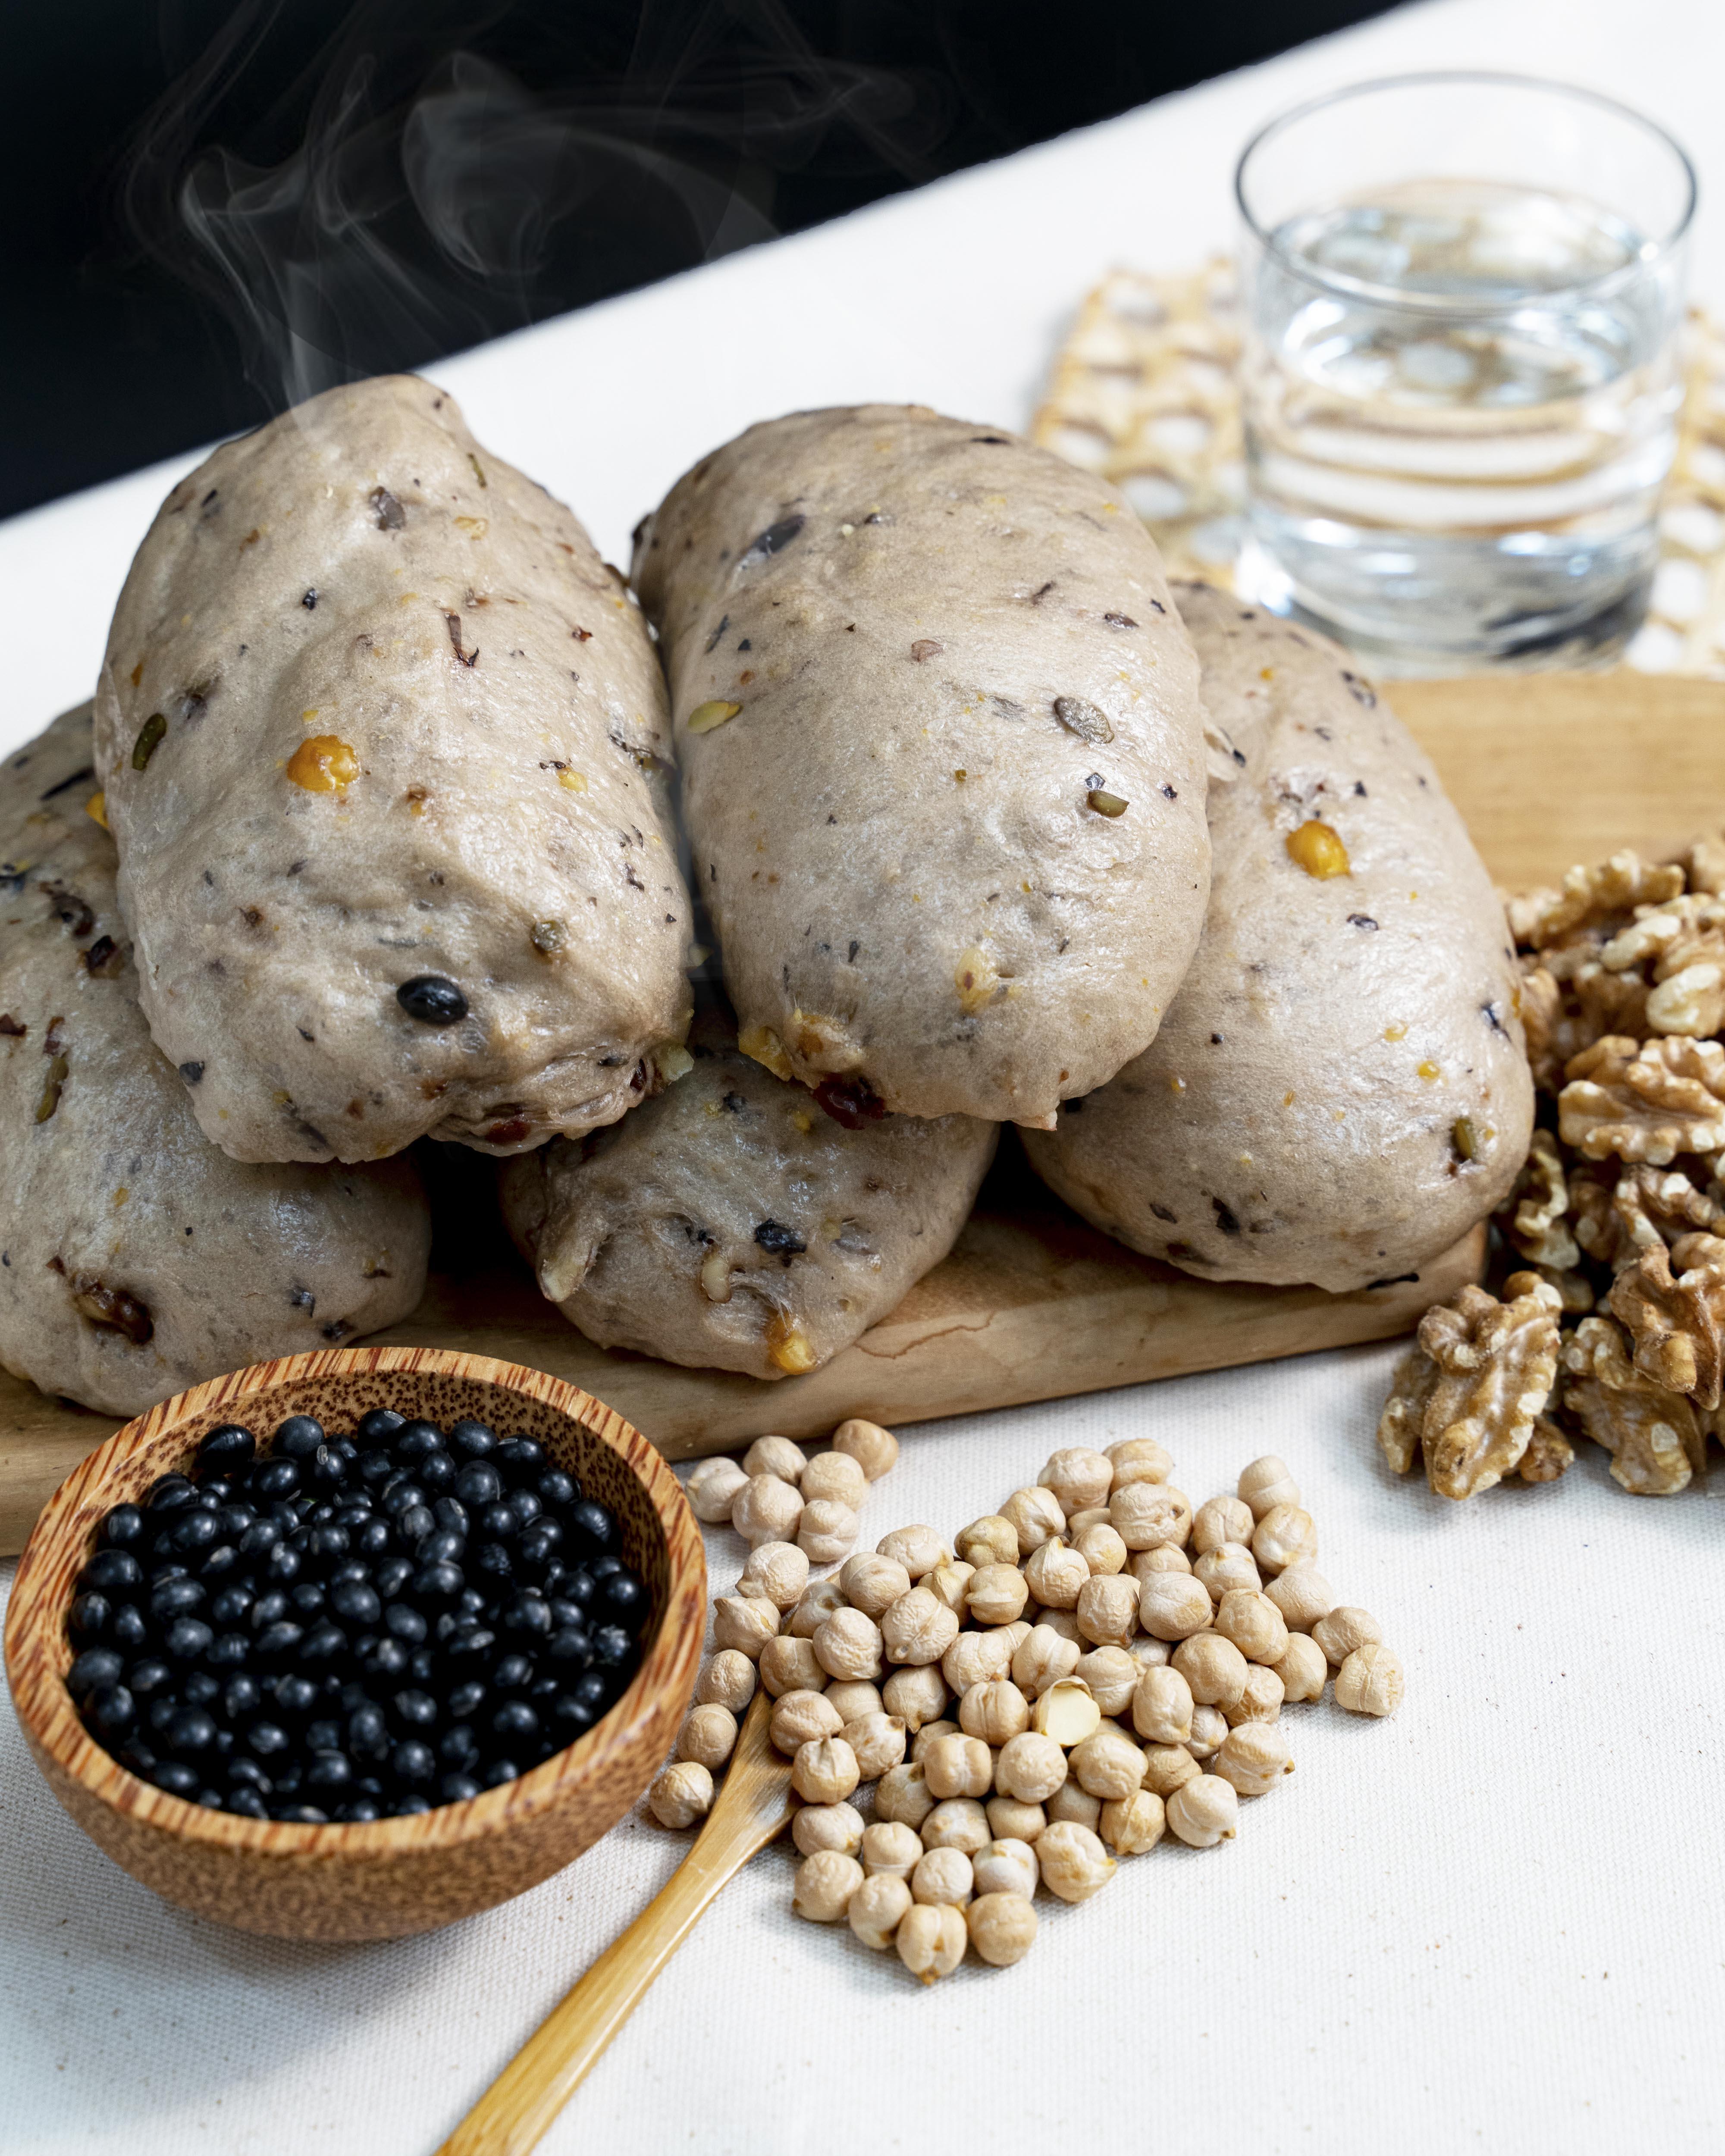 黑豆雜糧饅頭(三顆) 宋太太養生饅頭[蒸的醜]